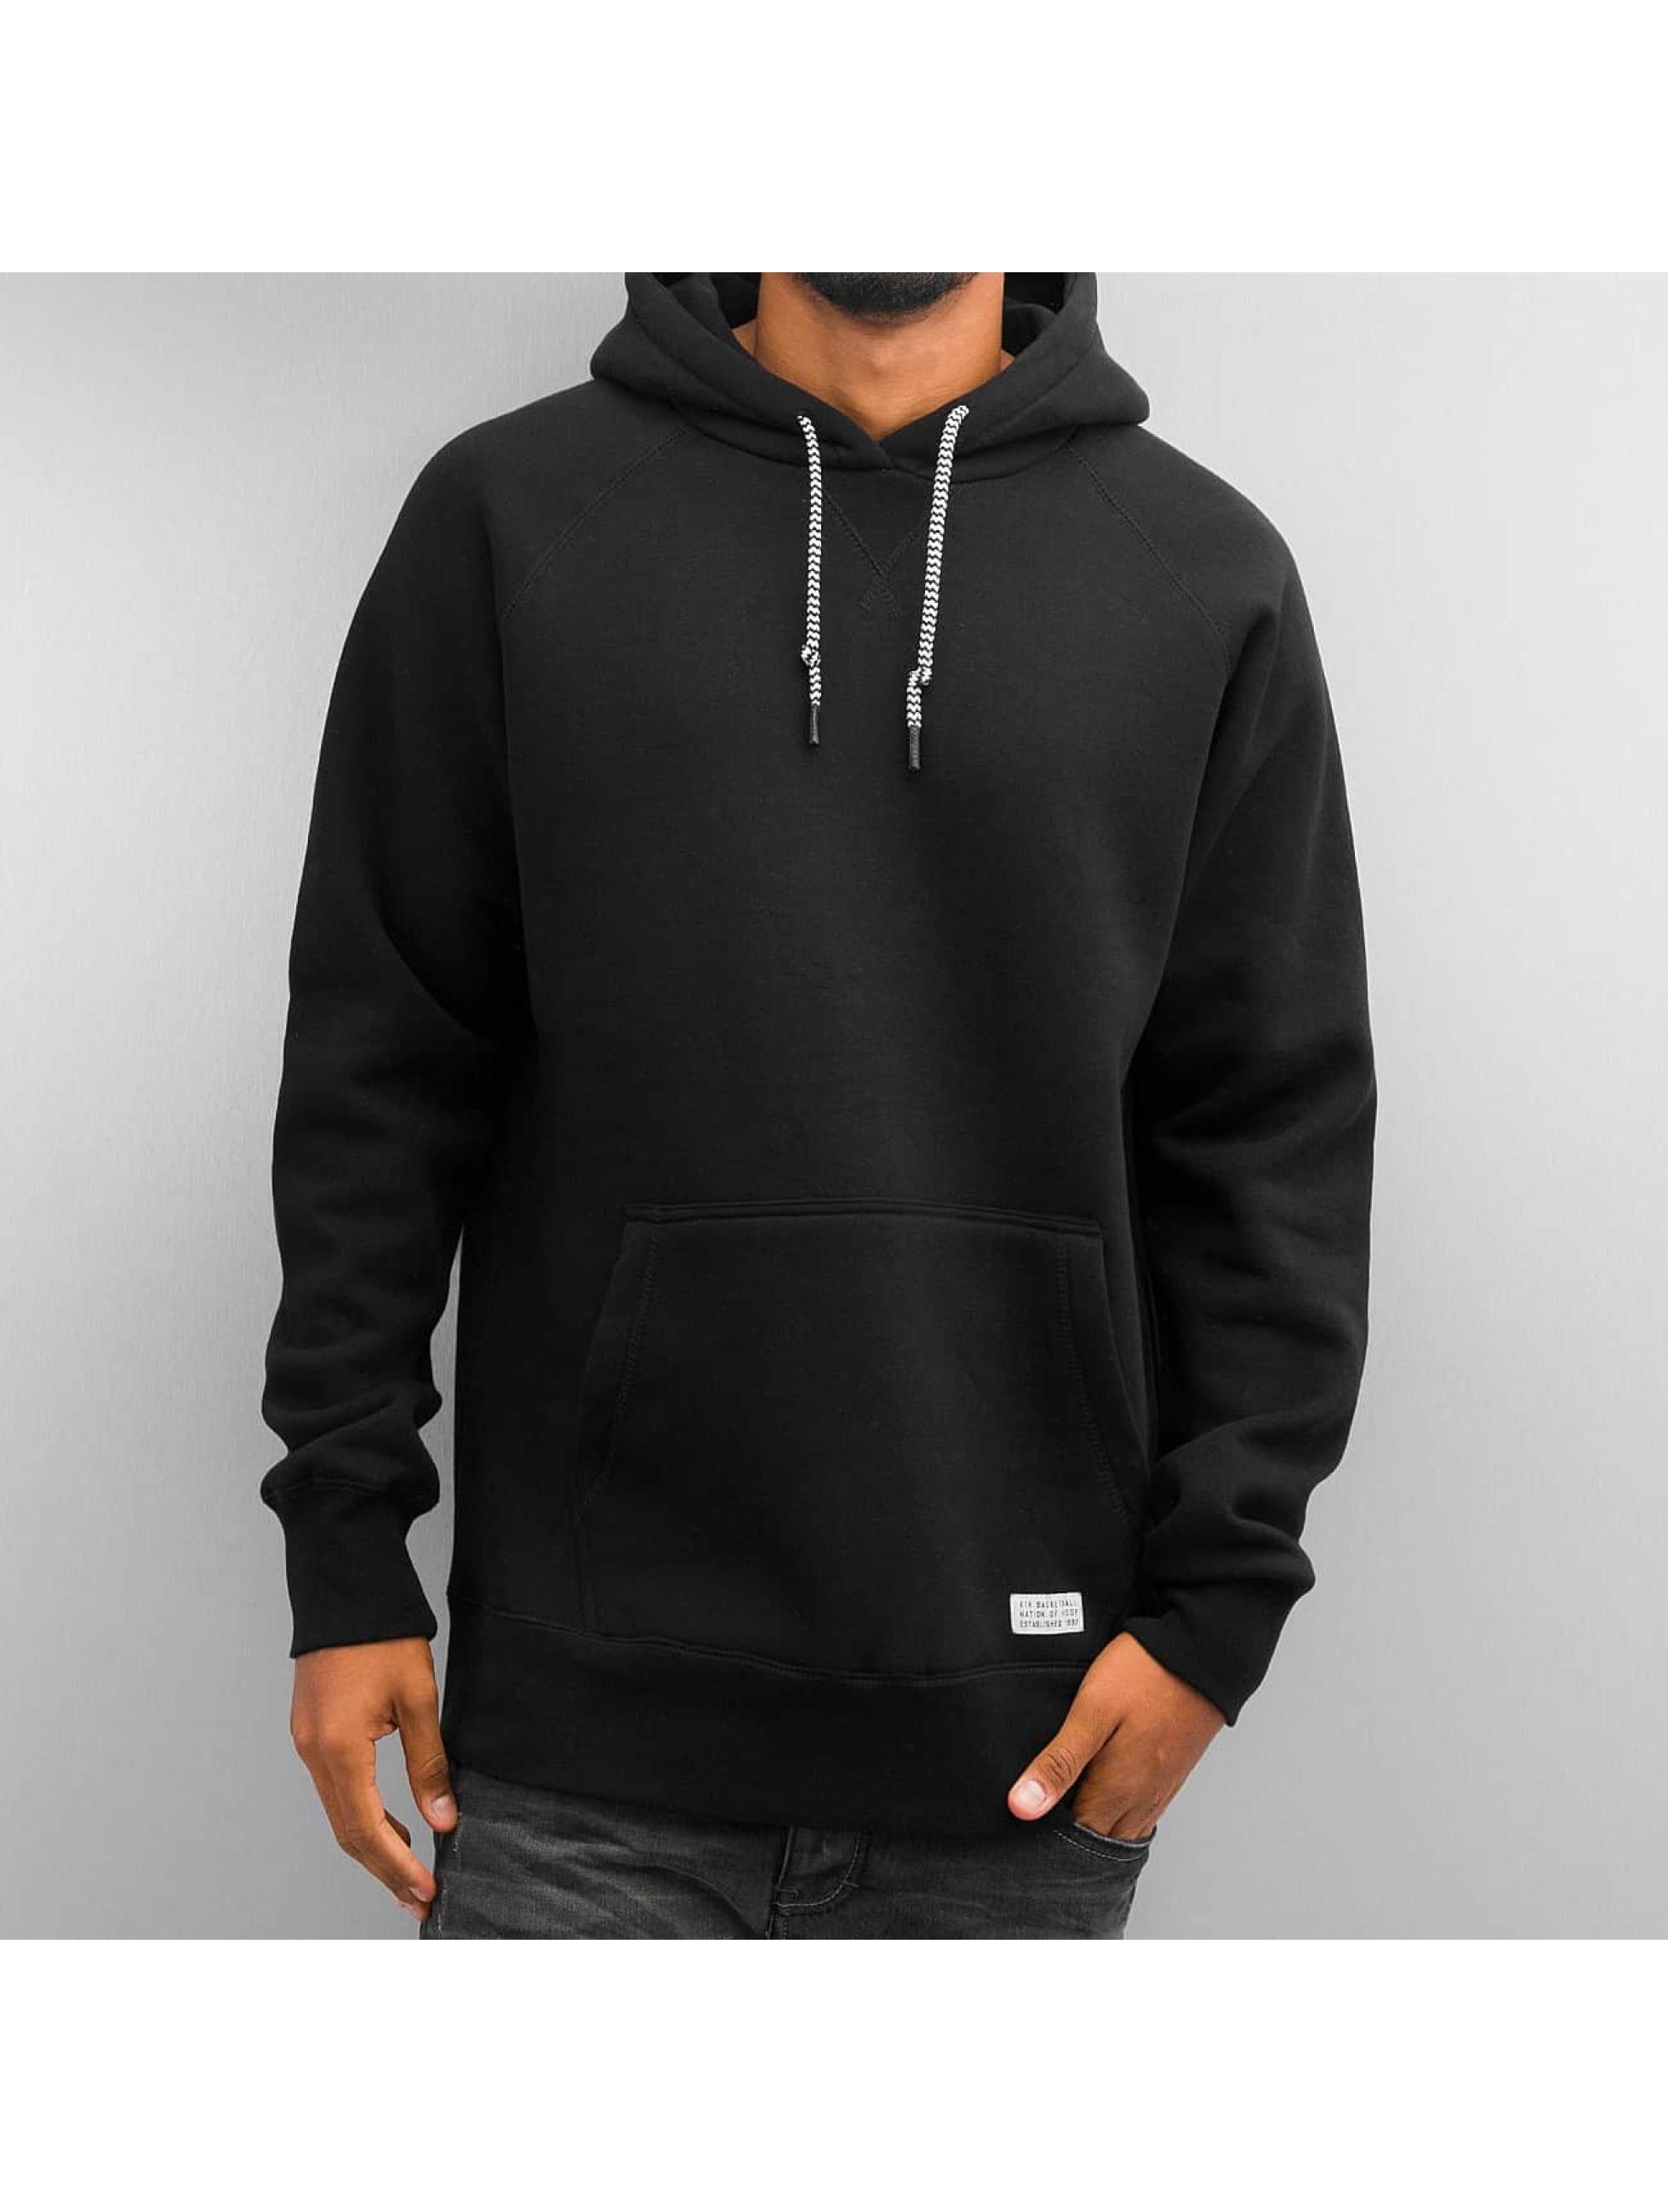 Hoody Authentic in schwarz